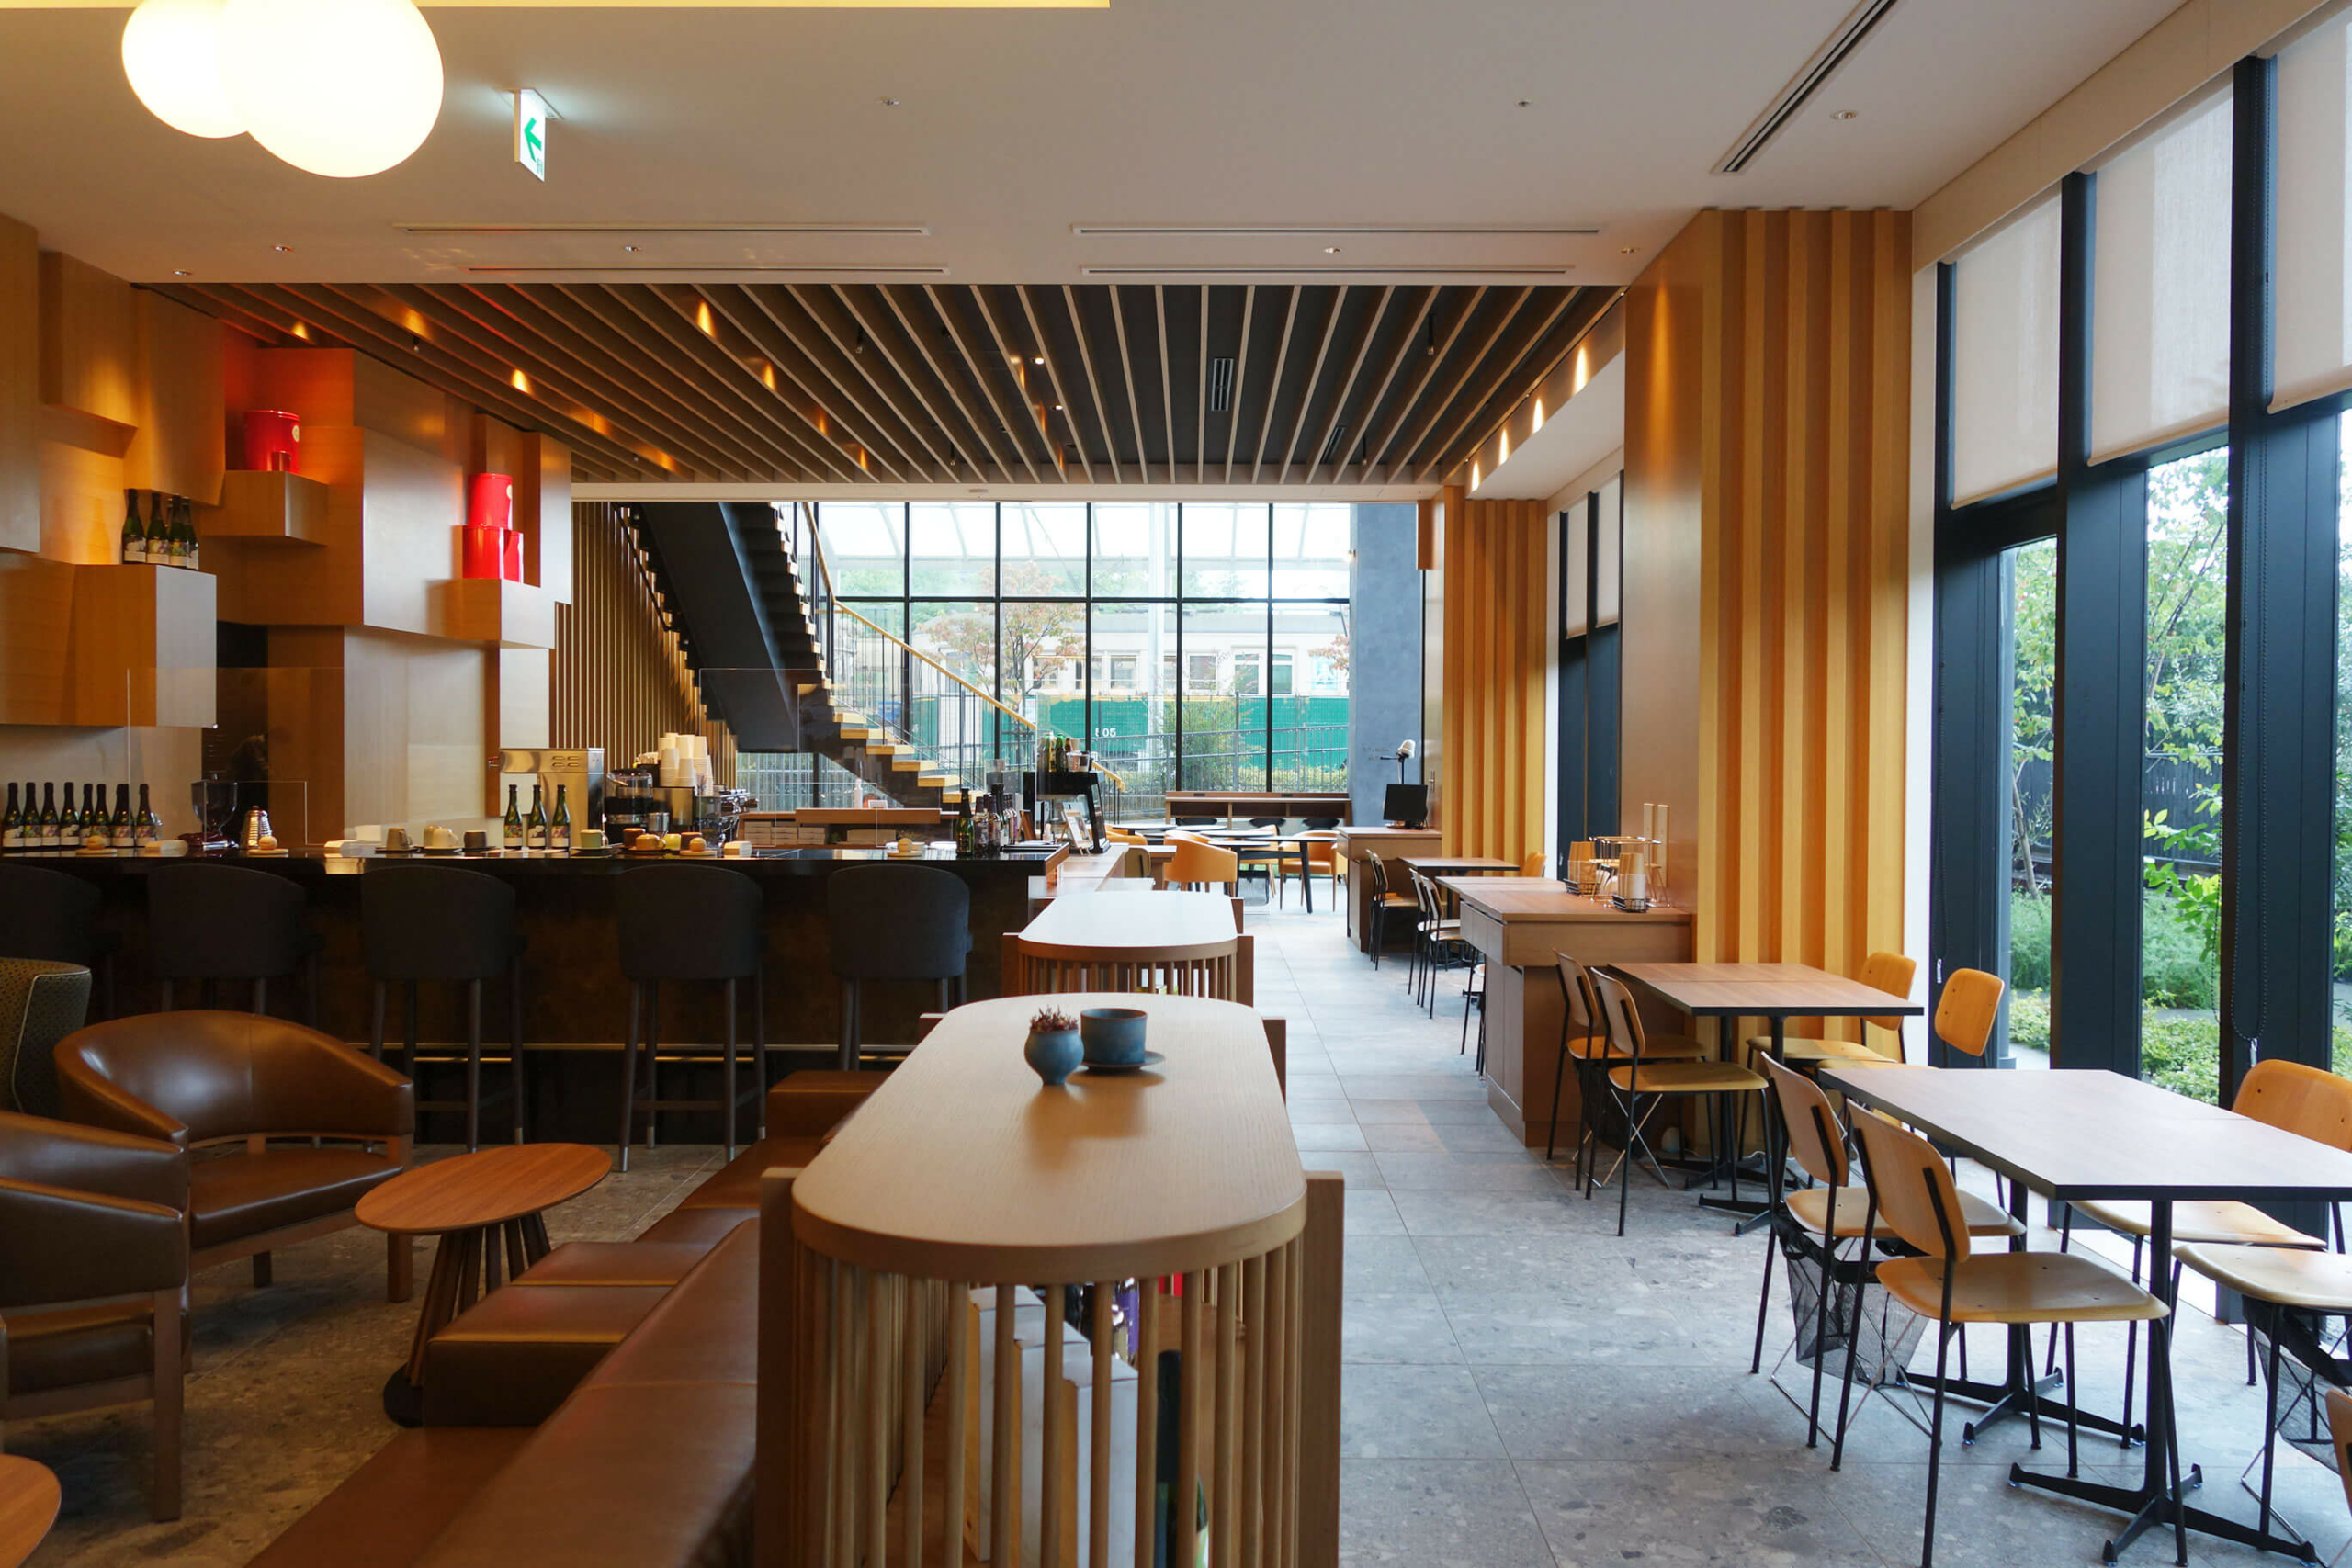 カフェでは、ミカフェートのコーヒー、ムレスナティーとスイーツを楽しめる